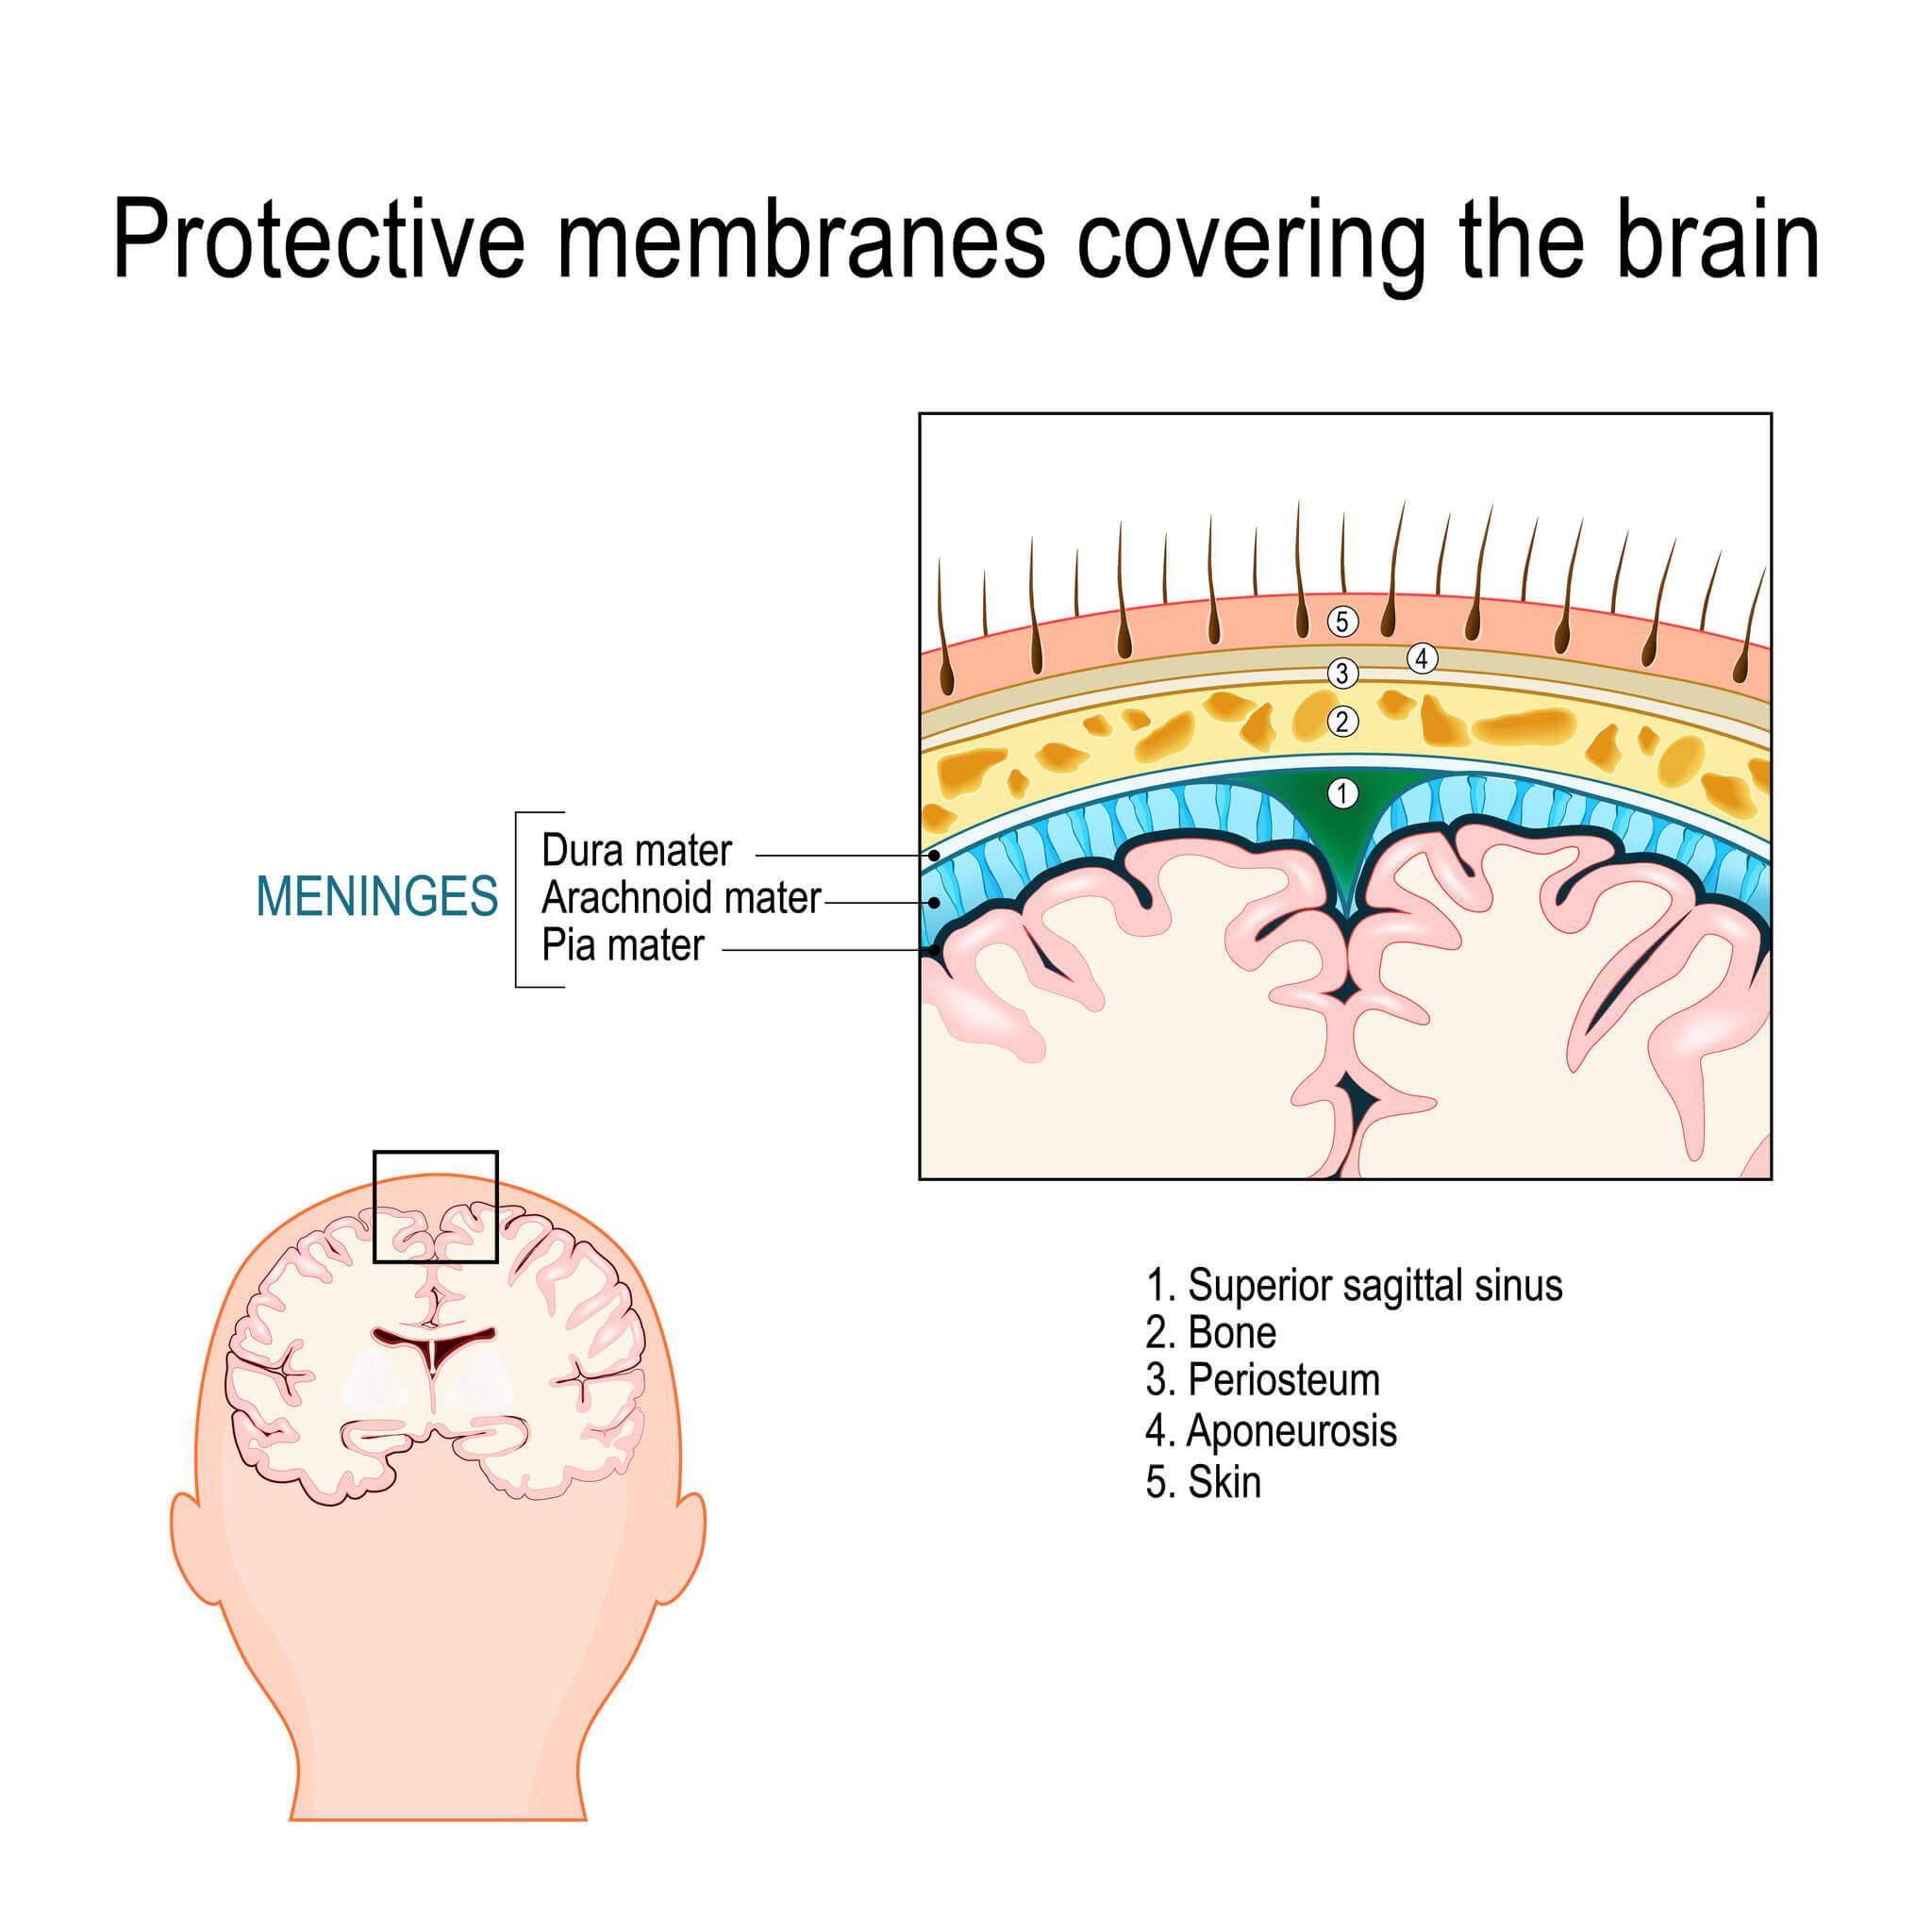 dura madre, pia madre e aracnoide sono le tre meningi che proteggono il cervello